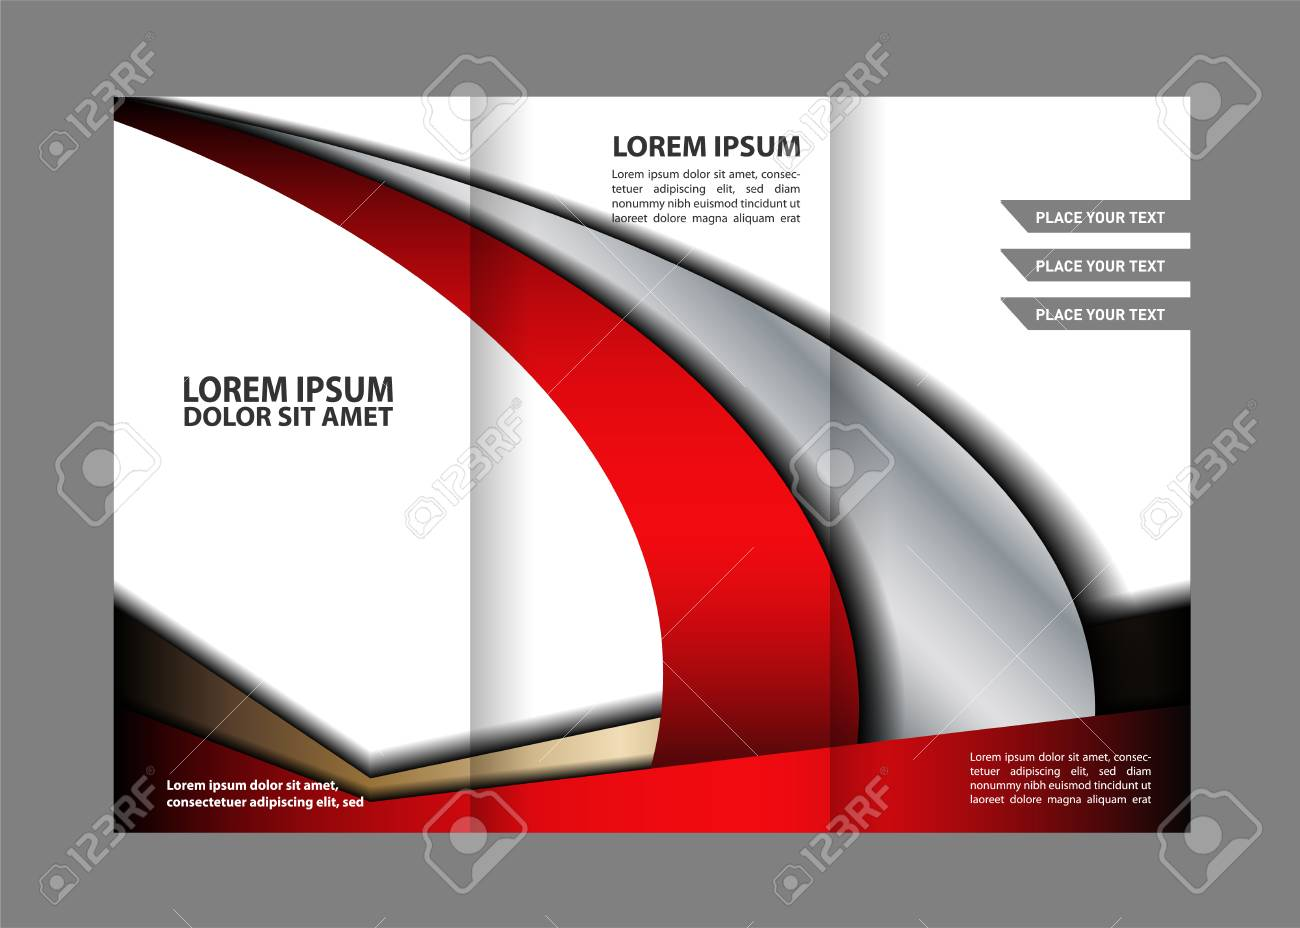 professionelle dreifache business flyer vorlage imagebroschre oder cover design kann die verwendung - Imagebroschure Beispiele